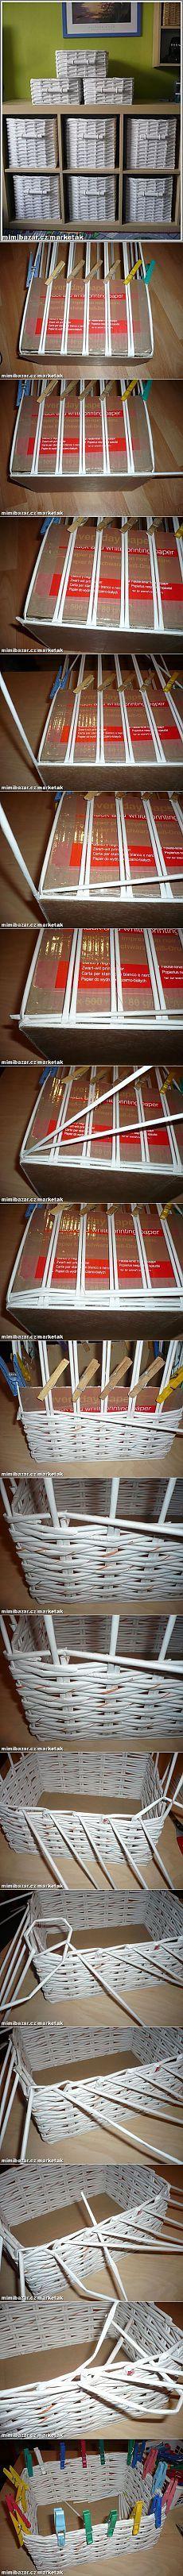 Плетение из газет - от корзинок до шляпок - 7 фото МК.